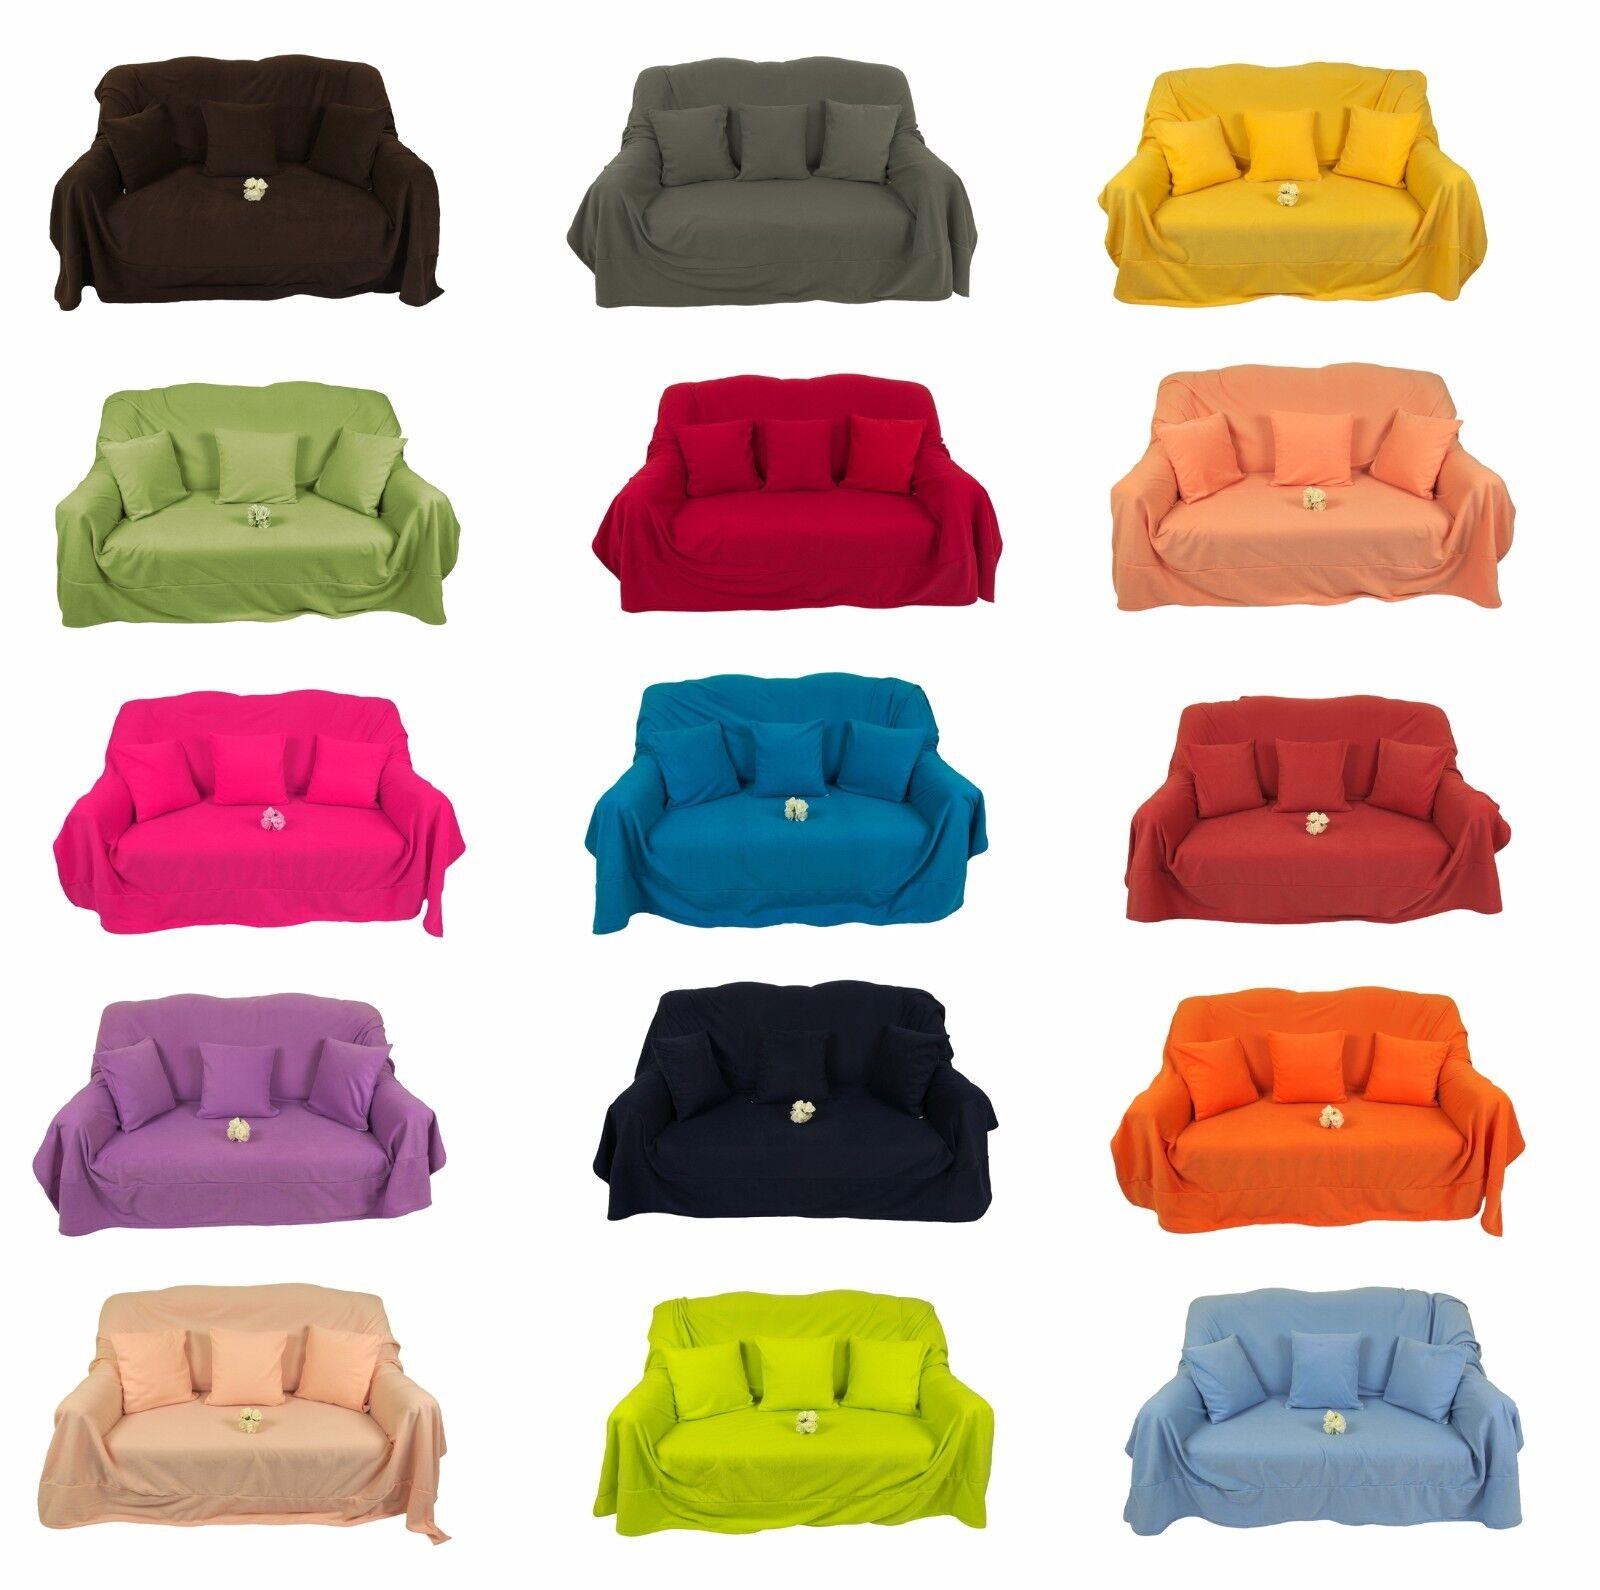 Fleecedecke Kuscheldecke Tagesdecke Wohndecke Decken Sofadecke XL XXL 17 Farben